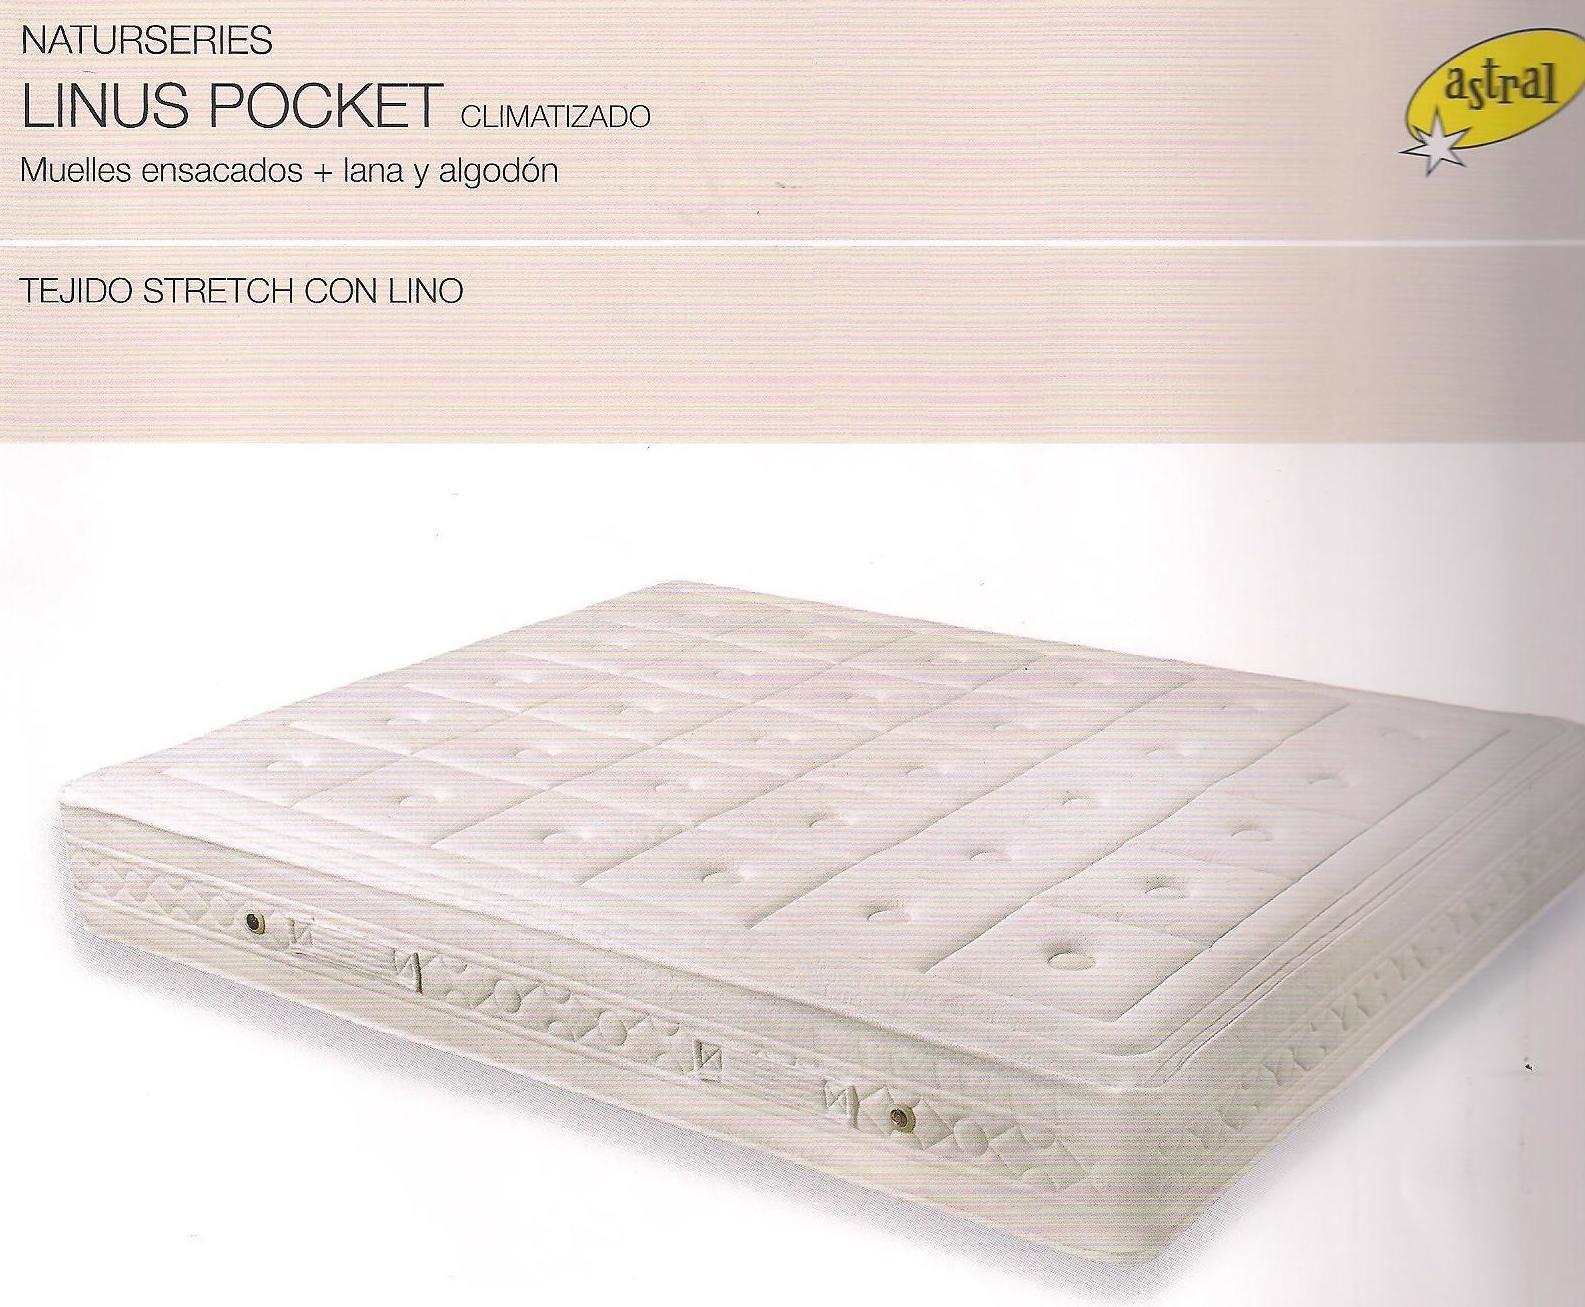 Colchon  ASTRAL  LINUS POCKET : Colchones Y ...... de Colchonería Moderna